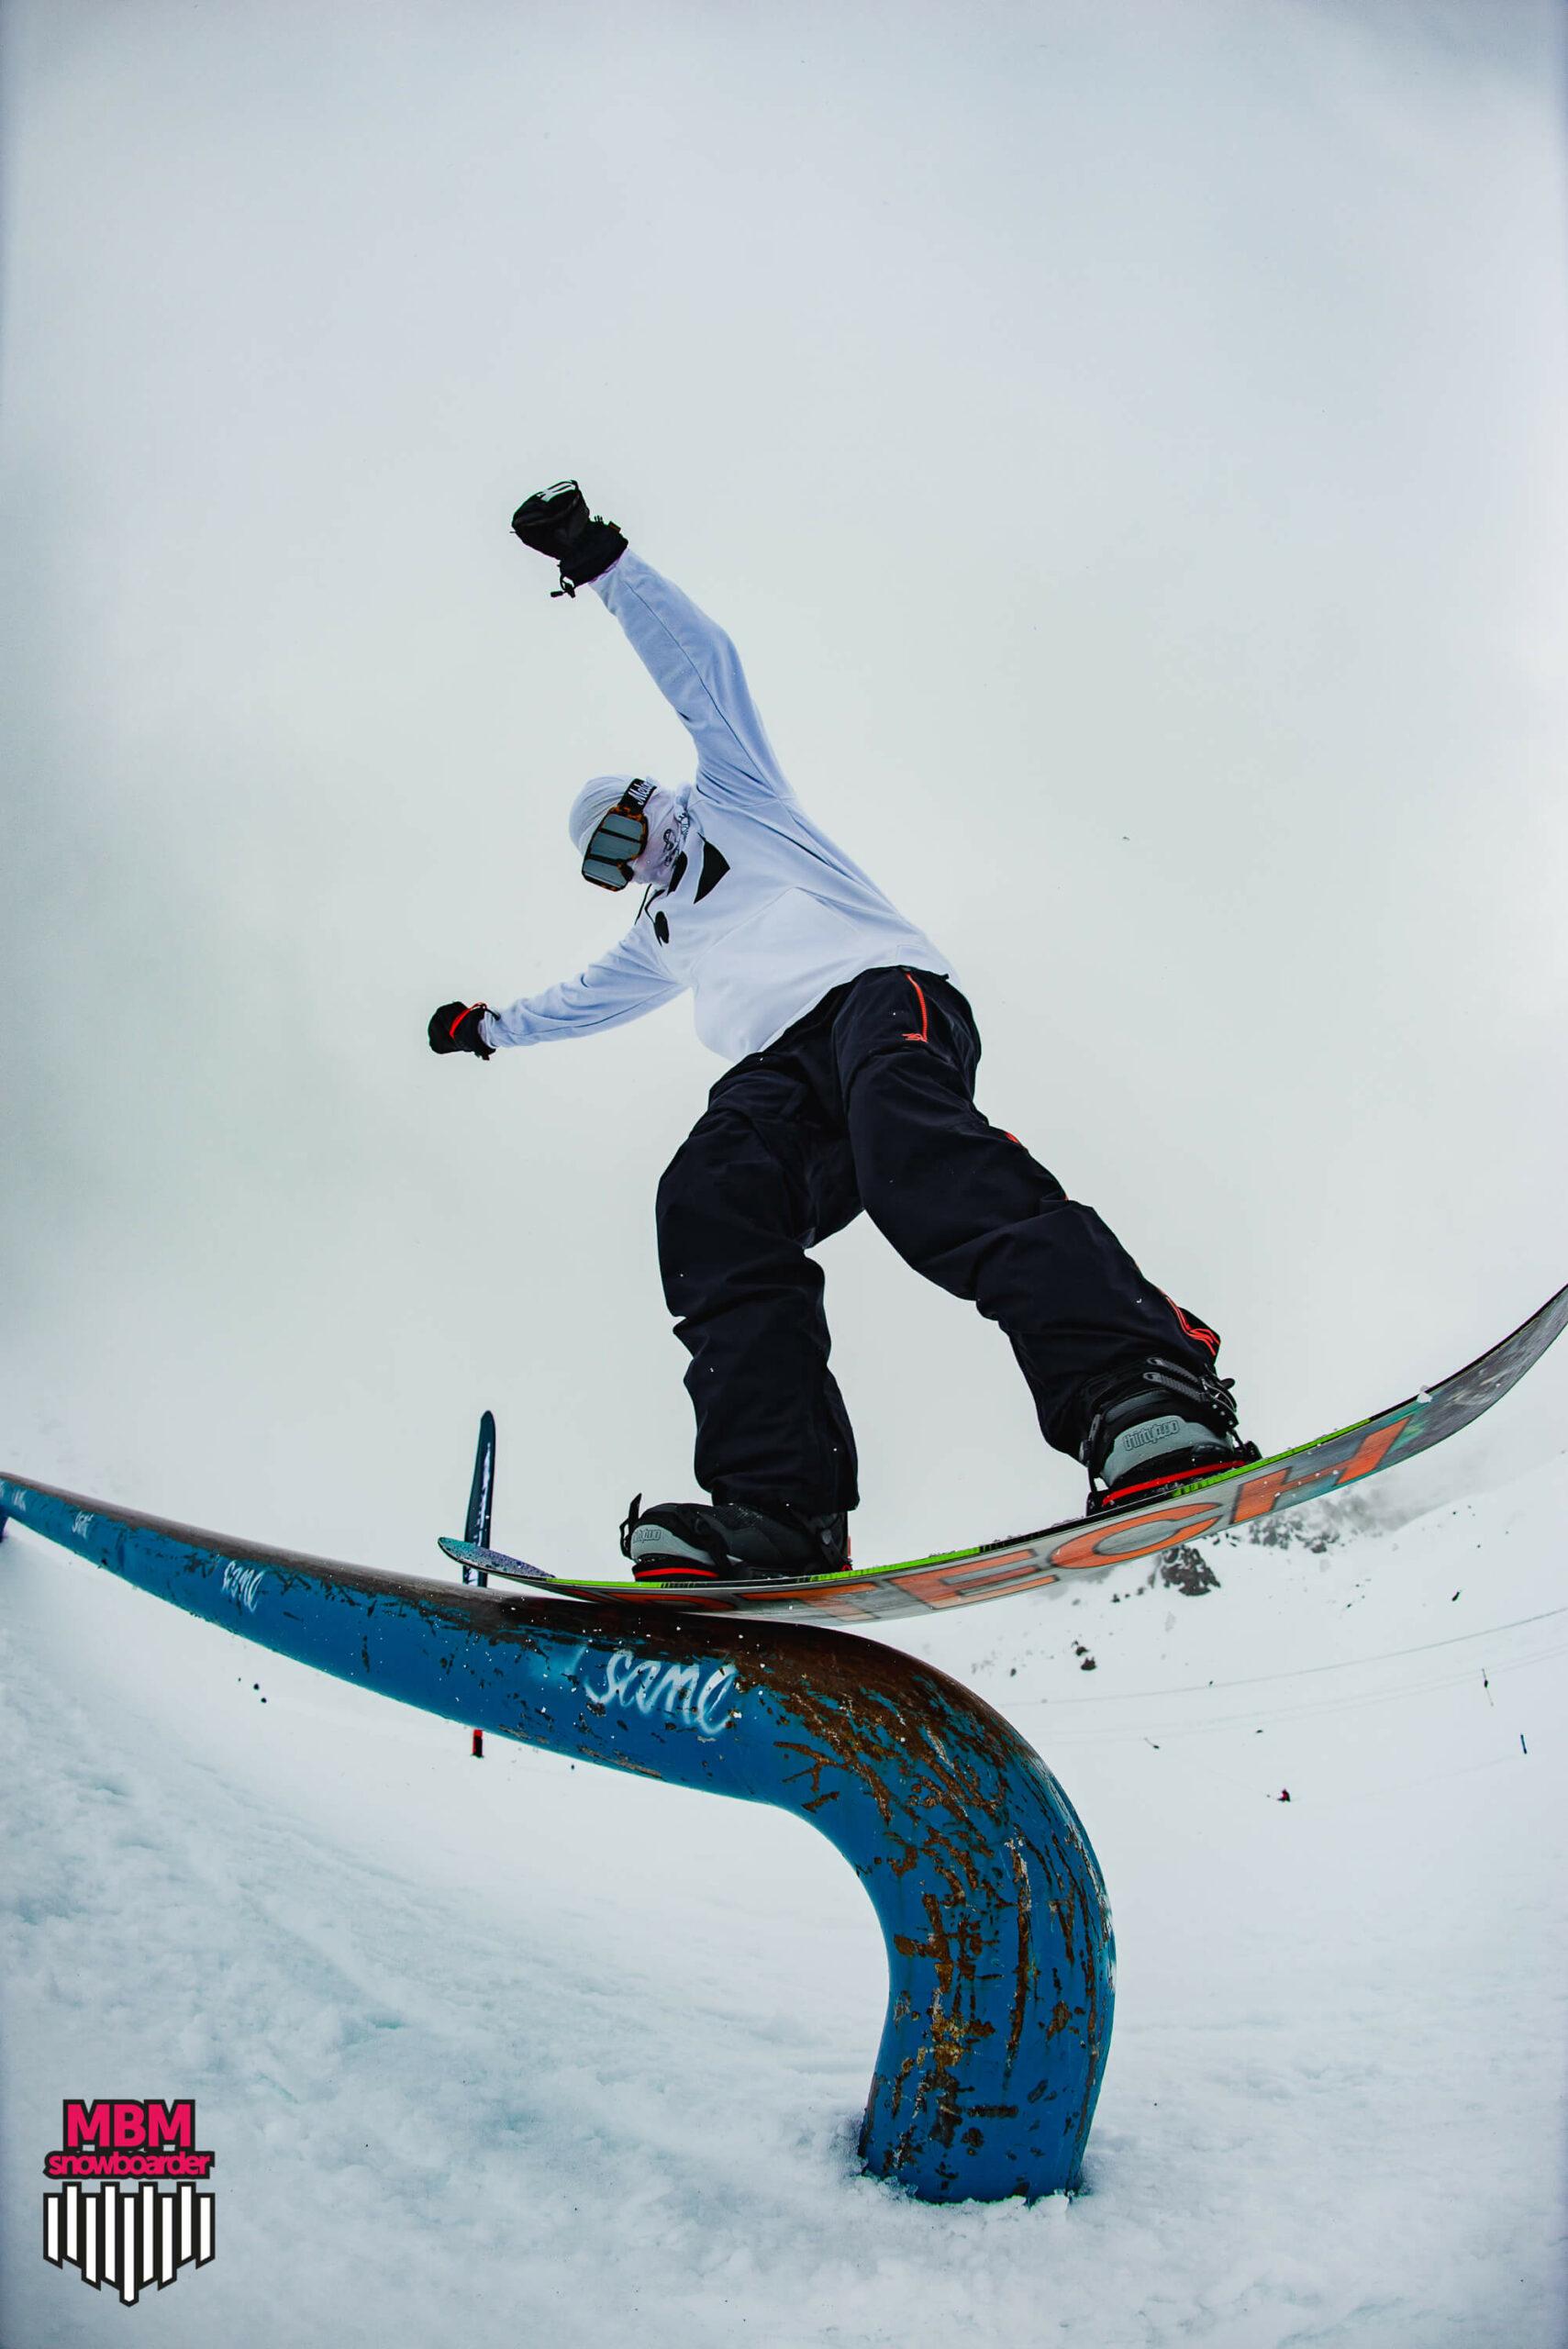 snowboarderMBM_sd_kaunertal_091